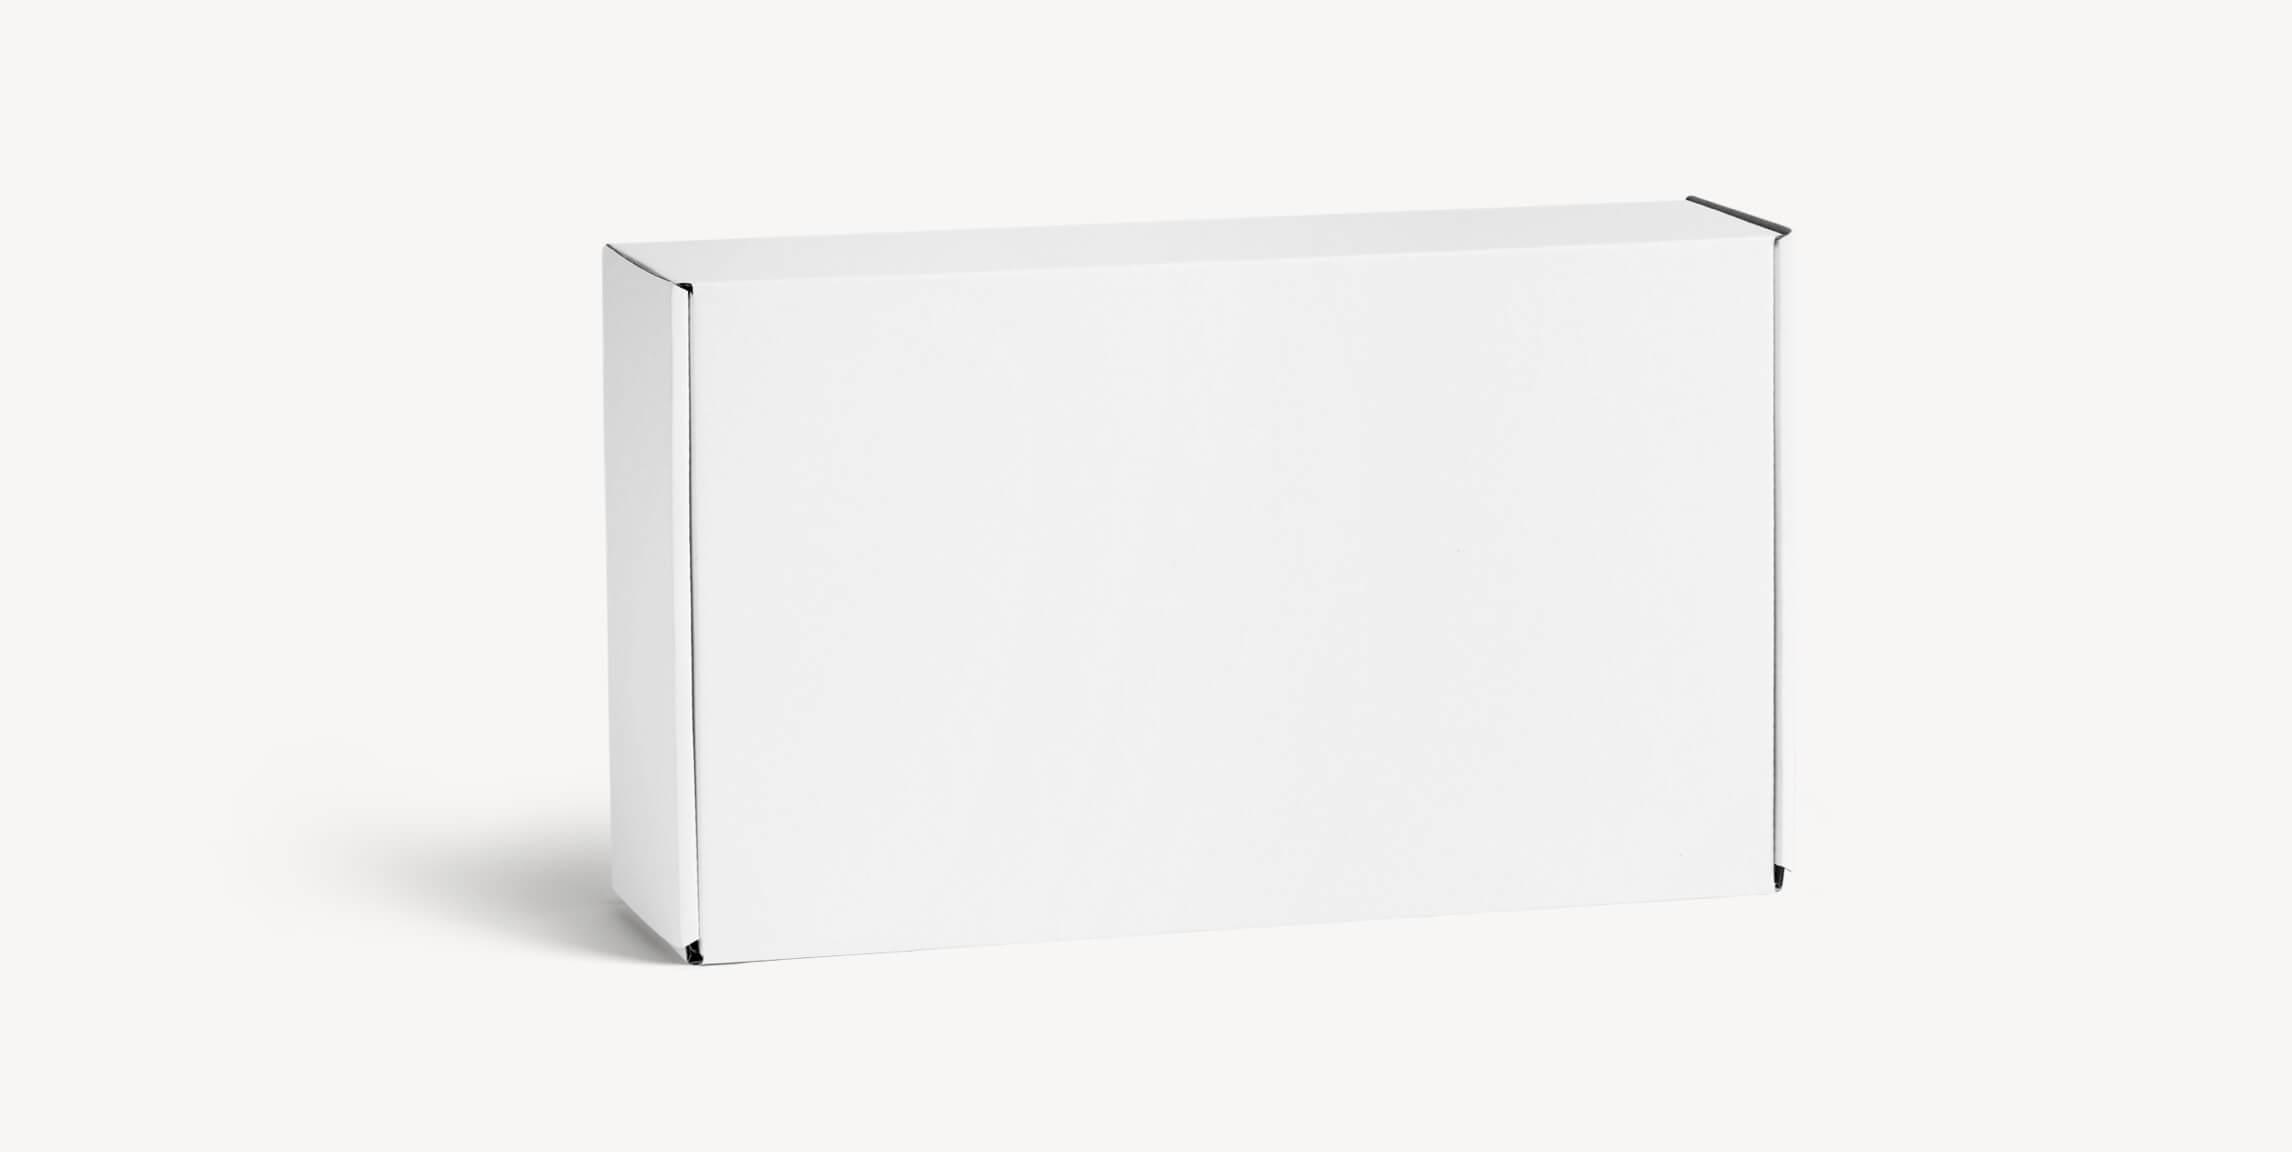 Poštovní krabice bez potisku - vlastní balení - Packhelp